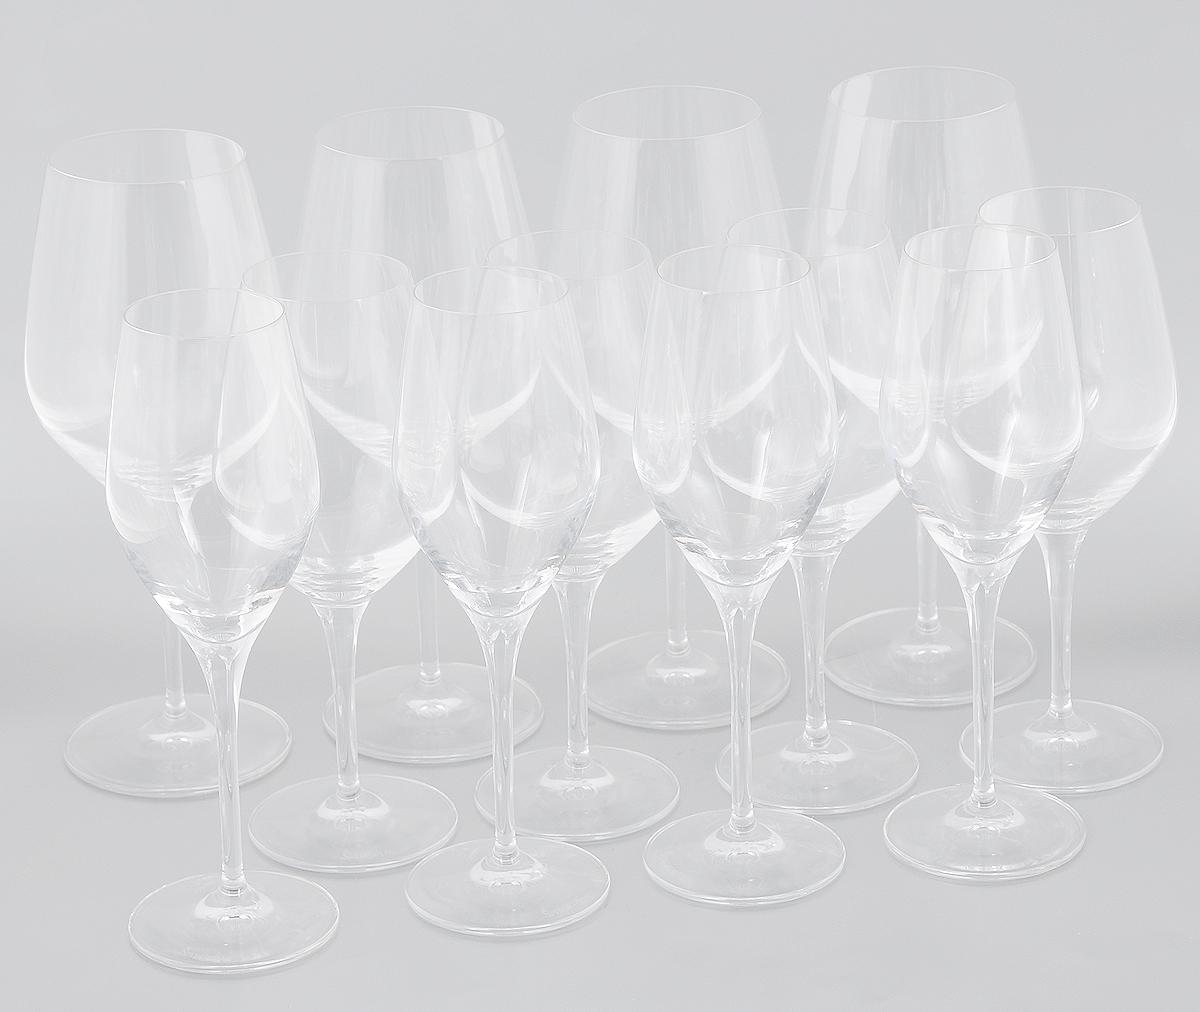 Набор бокалов Spiegelau Аутентис, 12 шт4400192Набор Spiegelau Аутентис состоит из 12 бокалов, выполненных из прочного стекла. Изделия оснащены высокими ножками. Бокалыпредназначены для подачи шампанского, красного и белого вина. Они сочетают в себе элегантный дизайн и функциональность. Благодаря такому набору пить напитки будет еще вкуснее.Набор бокалов Spiegelau Аутентис прекрасно оформит праздничный стол и создаст приятную атмосферу за романтическим ужином. Такой набор также станет хорошим подарком к любому случаю.Можно мыть в посудомоечной машине.Диаметр бокала для шампанского (по верхнему краю): 5 см.Диаметр основания бокала для шампанского: 7 см. Высота бокала для шампанского: 22,5 см. Диаметр бокала для белого вина (по верхнему краю): 5,5 см.Диаметр основания бокала для белого вина: 7,5 см. Высота бокала для белого вина: 21 см. Диаметр бокала для красного вина (по верхнему краю): 7 см.Диаметр основания красного для белого вина: 8,5 см. Высота бокала для красного вина: 23,5 см.